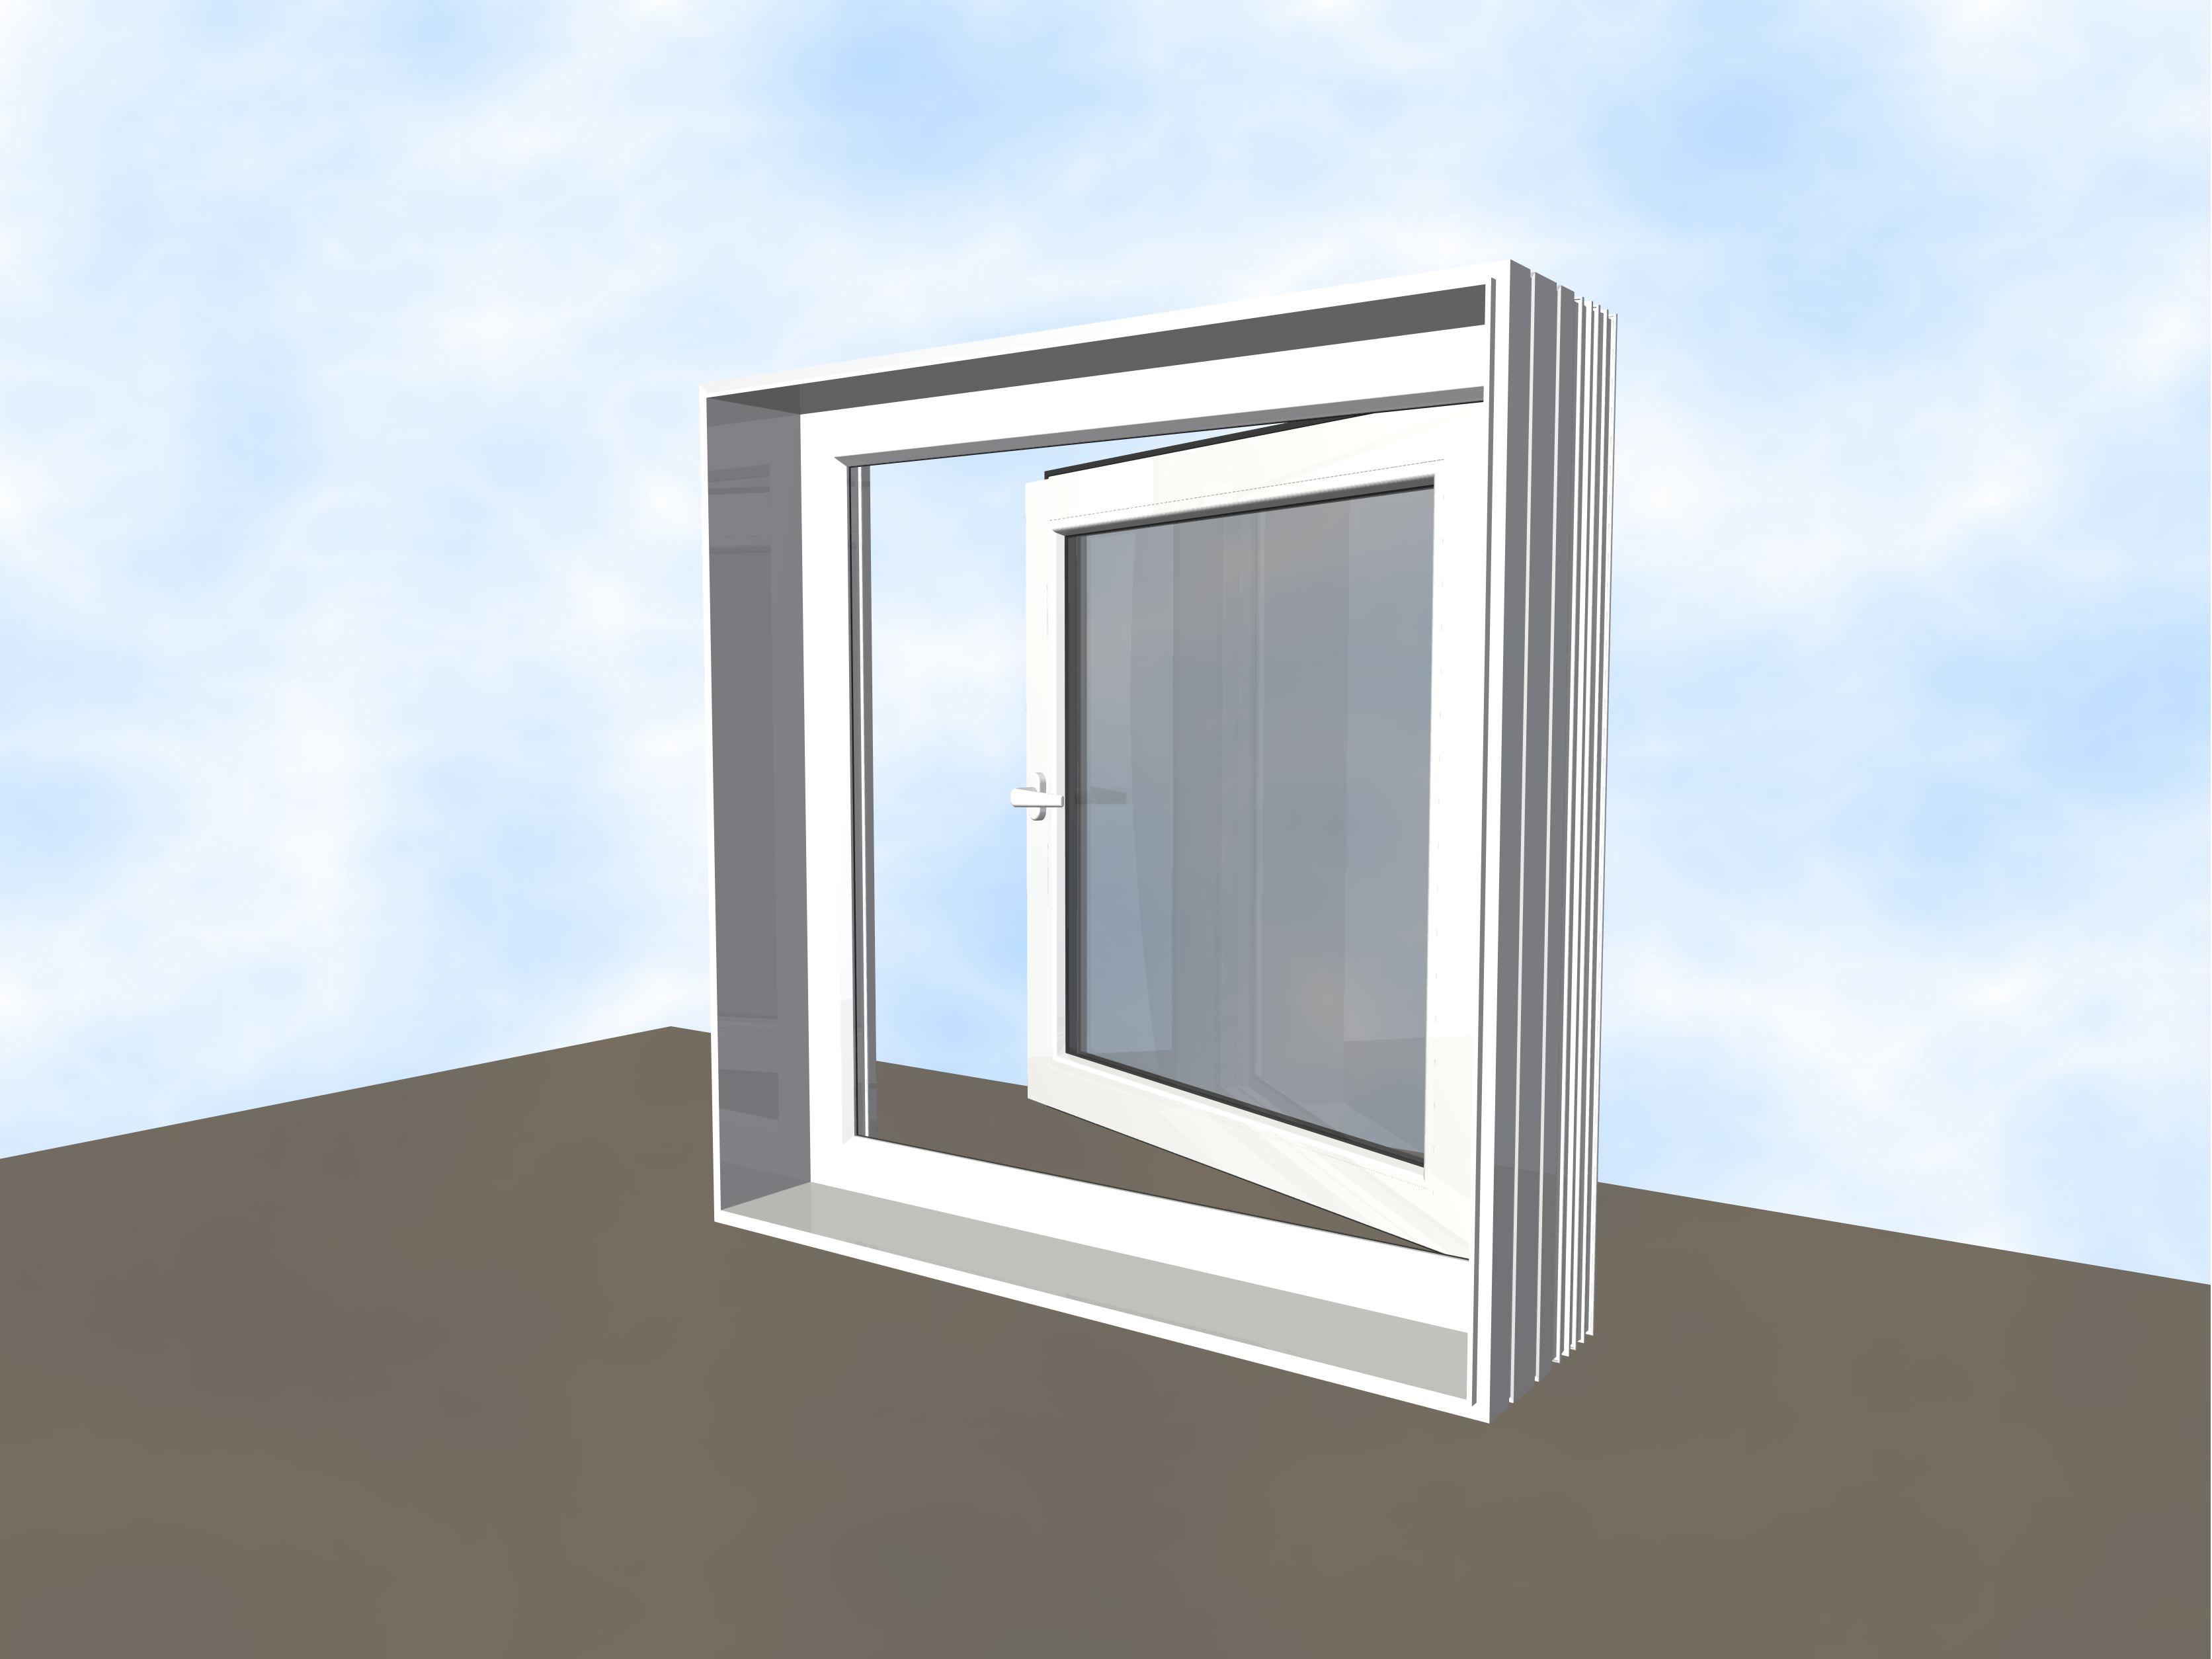 Drehfenster nach außen öffnend (Exit)